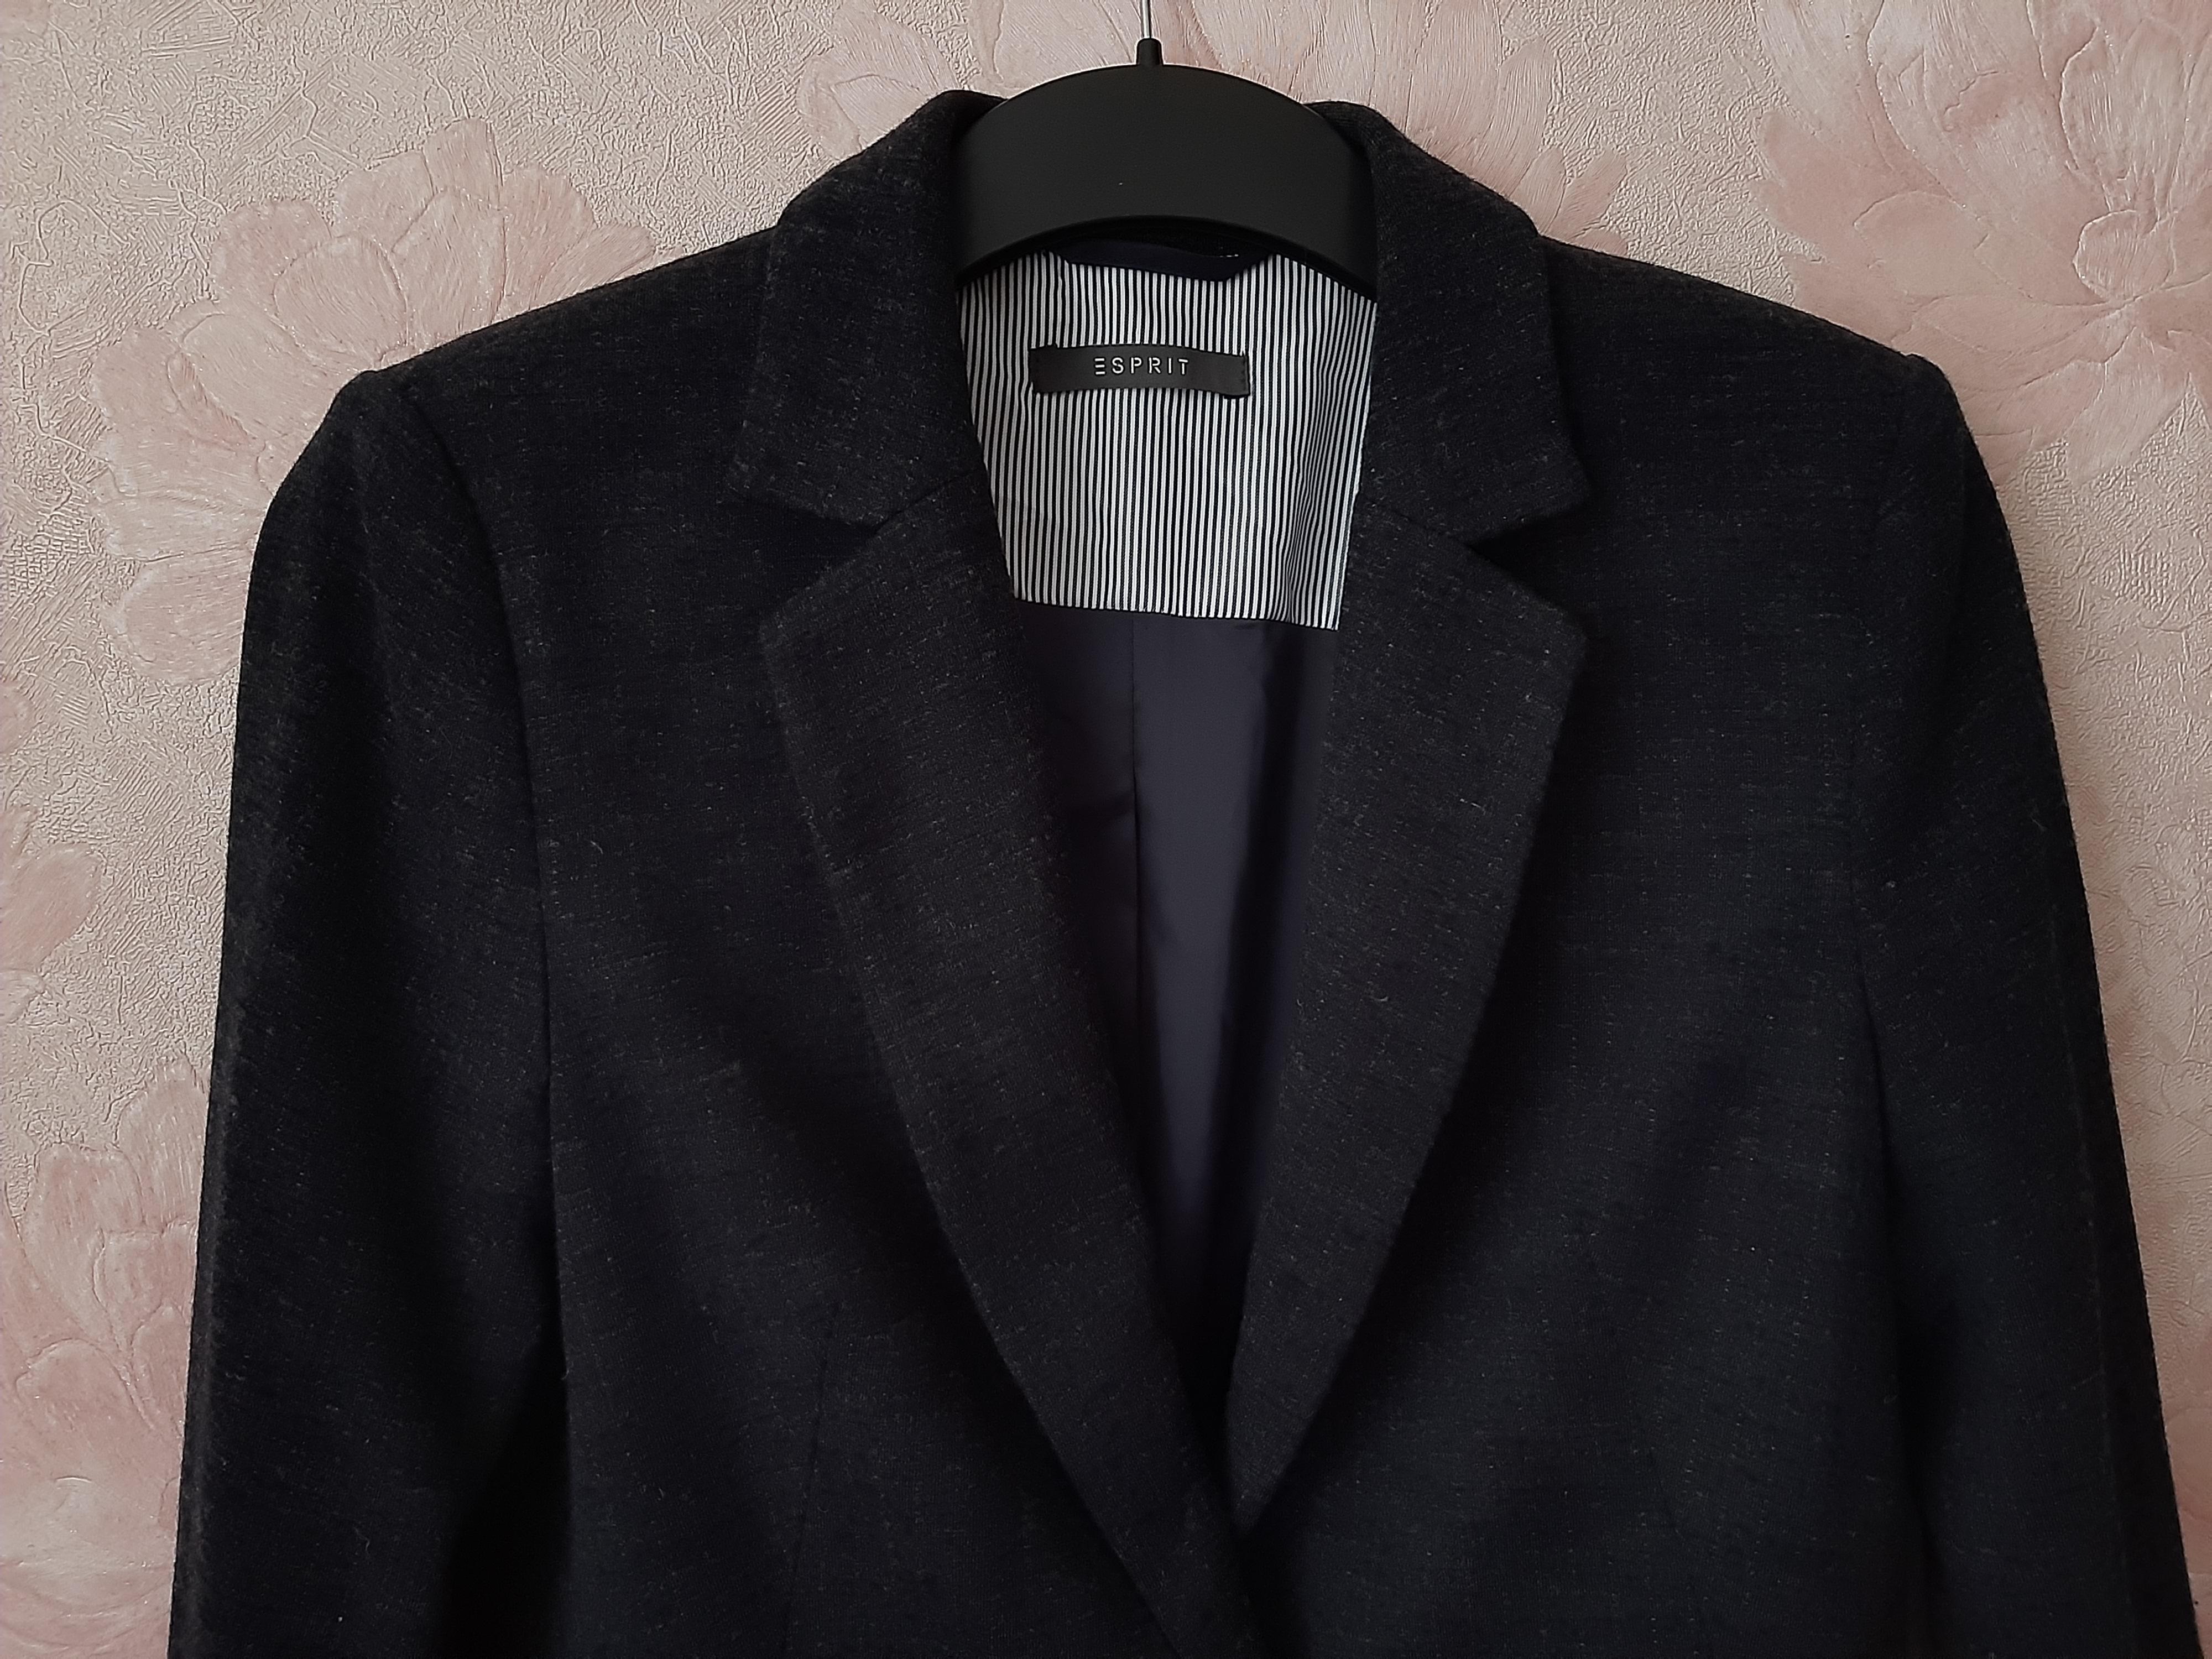 Стильный пиджак ! УП скидка 10% - Фото №2